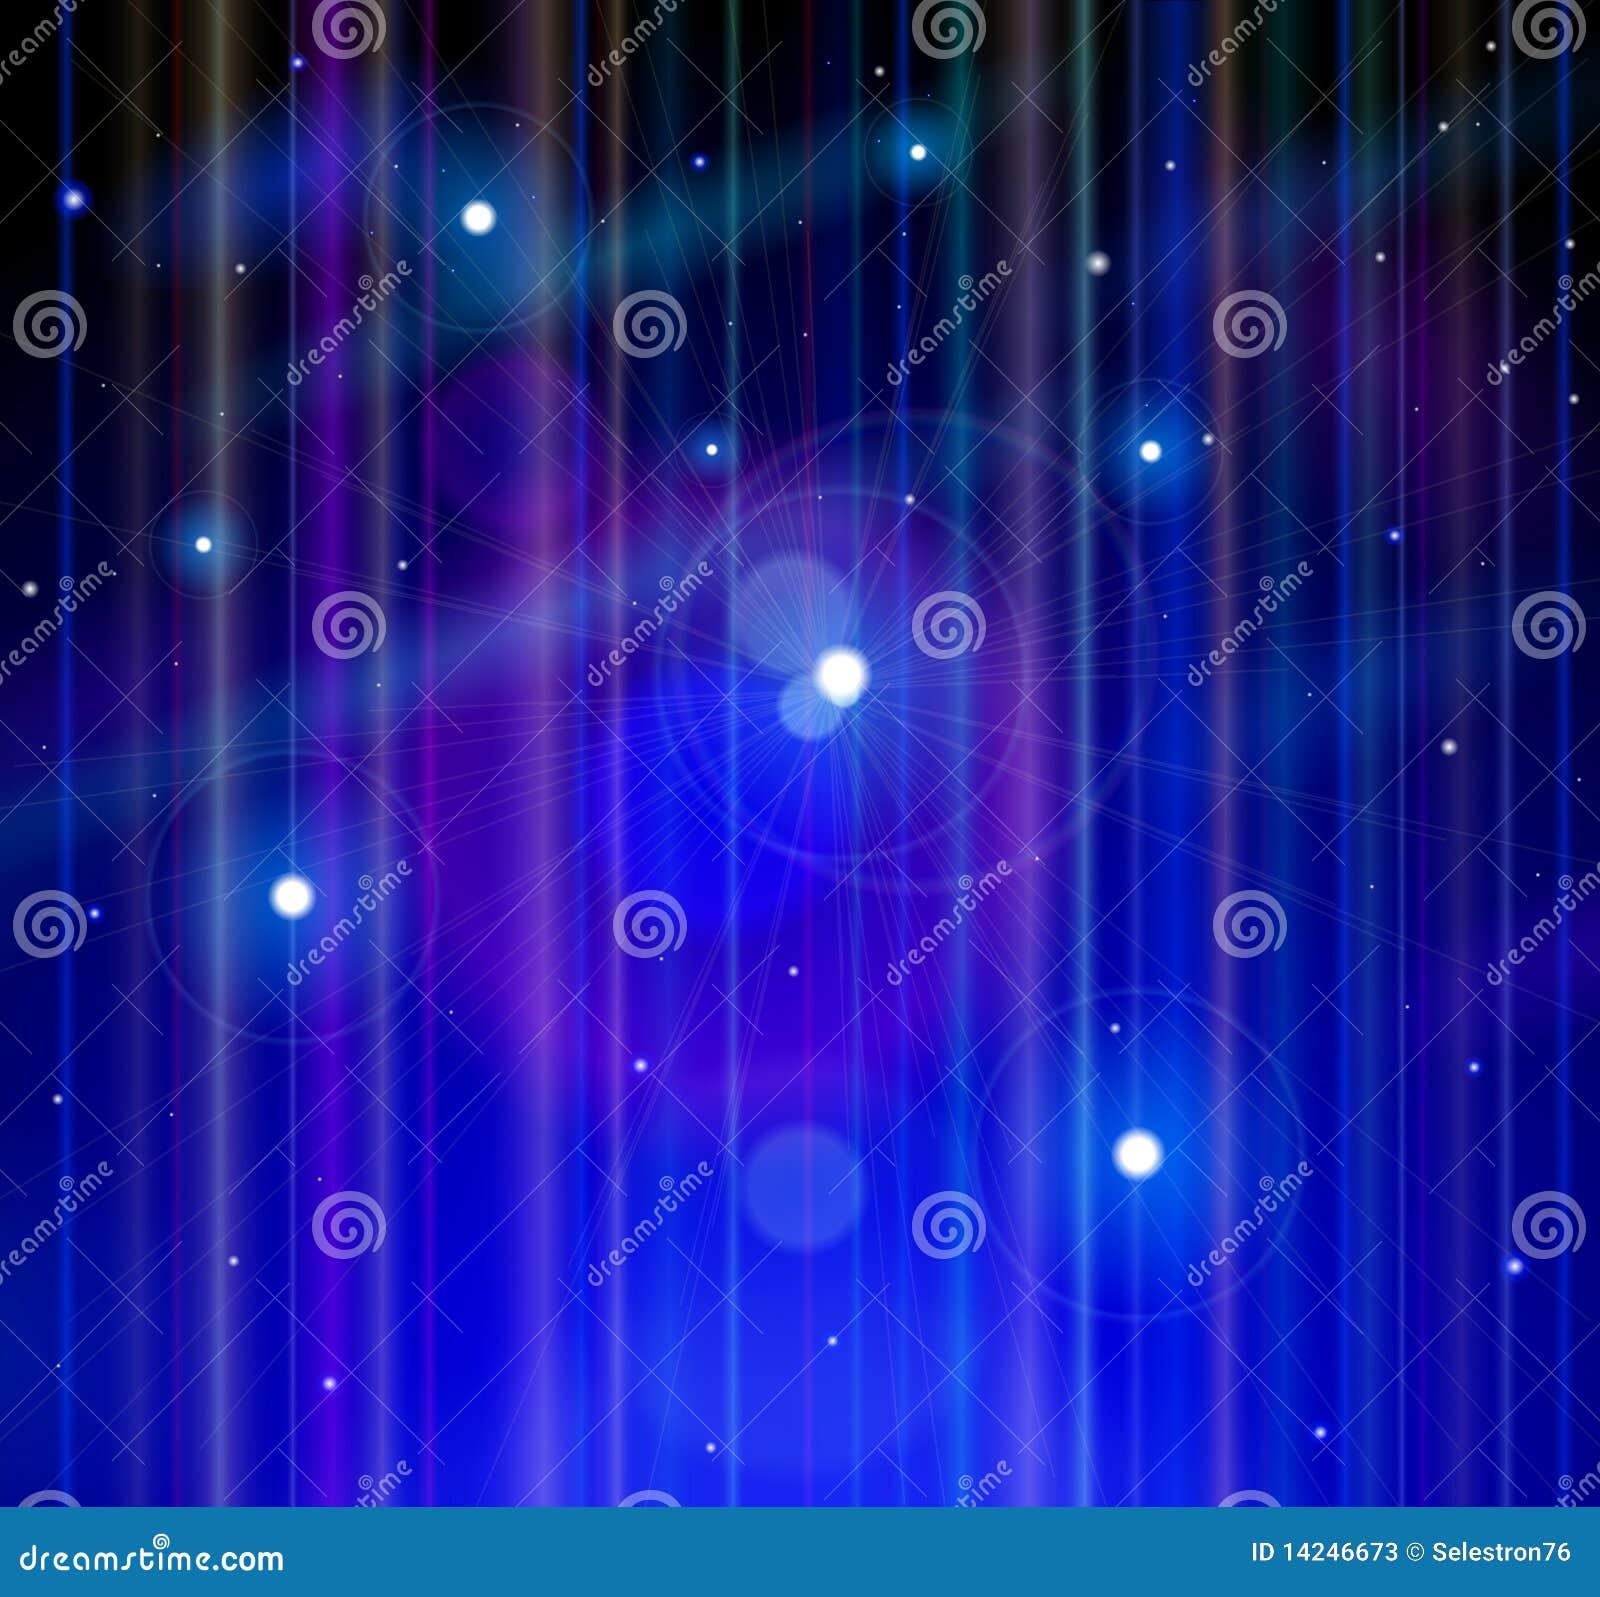 Espaço, estrelas, universo